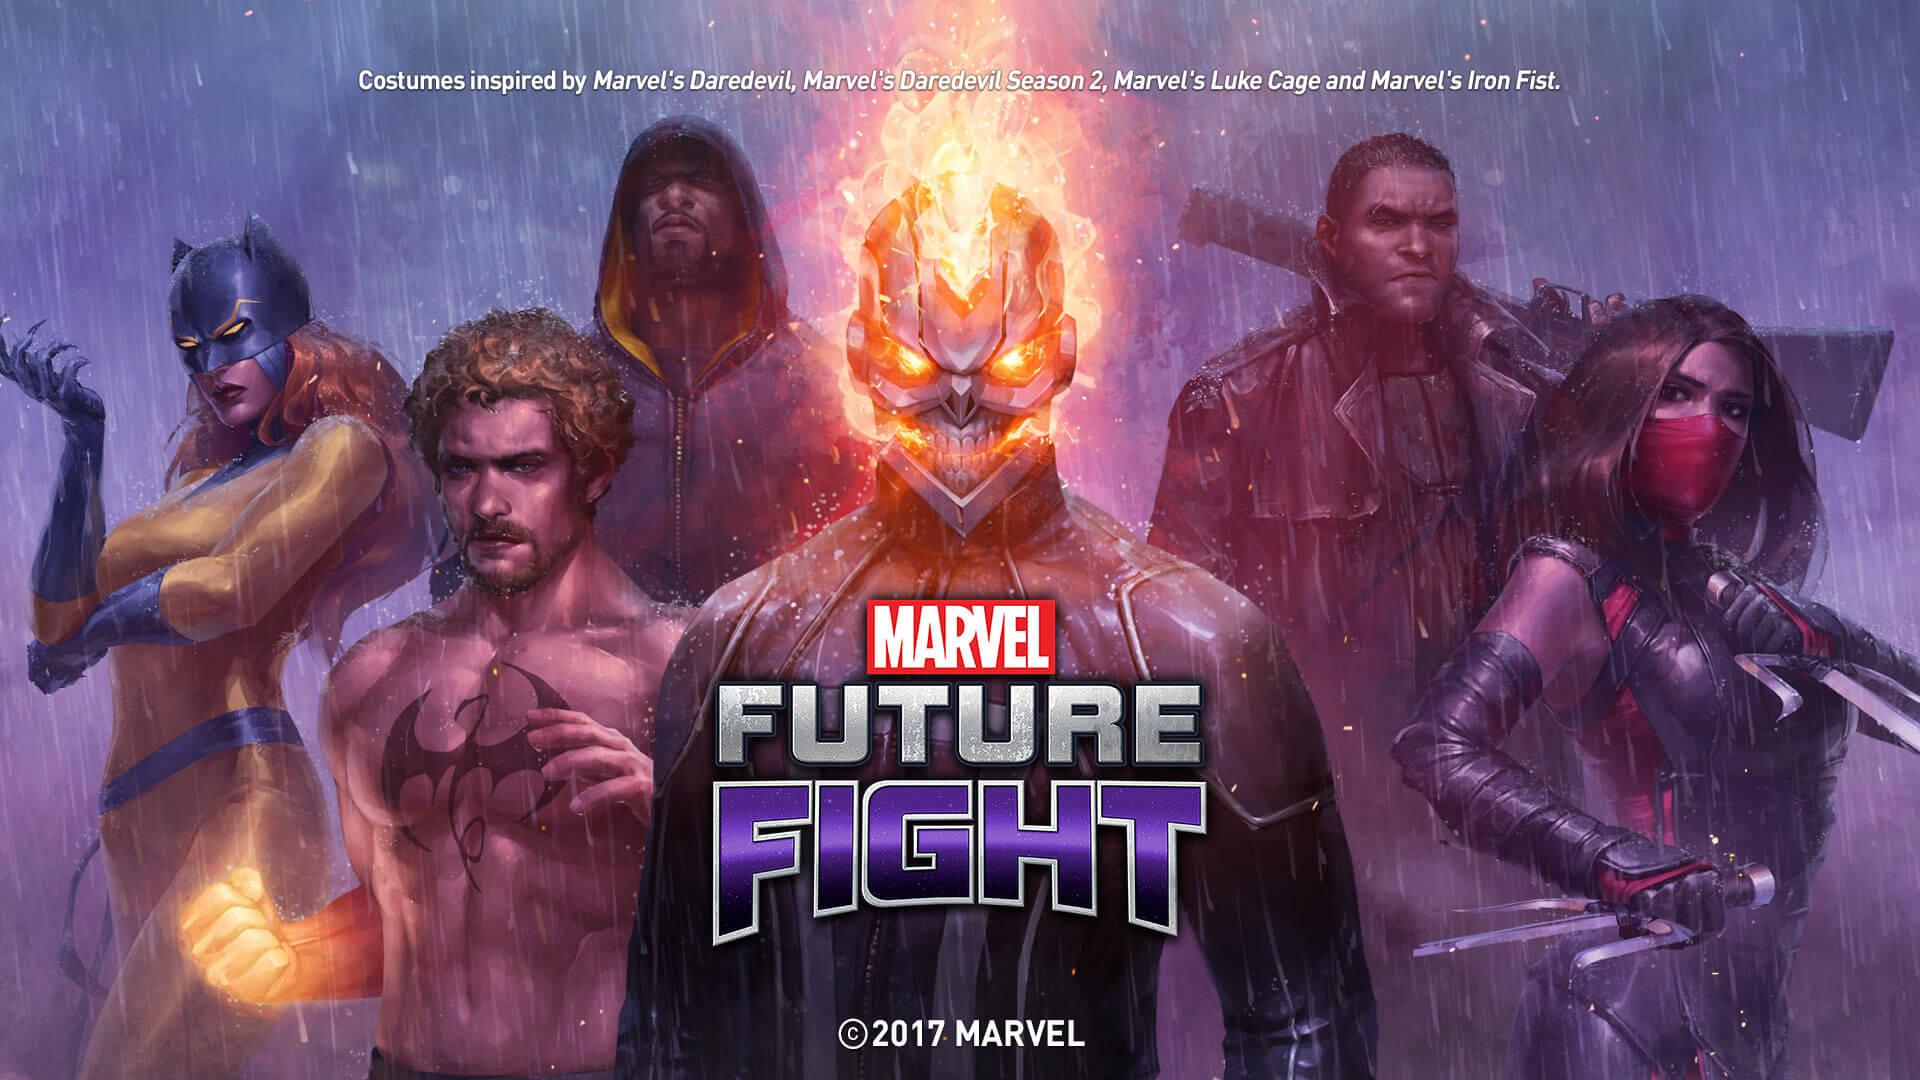 marvel_future_fight_yeni_karakterler_kostumler_haberi